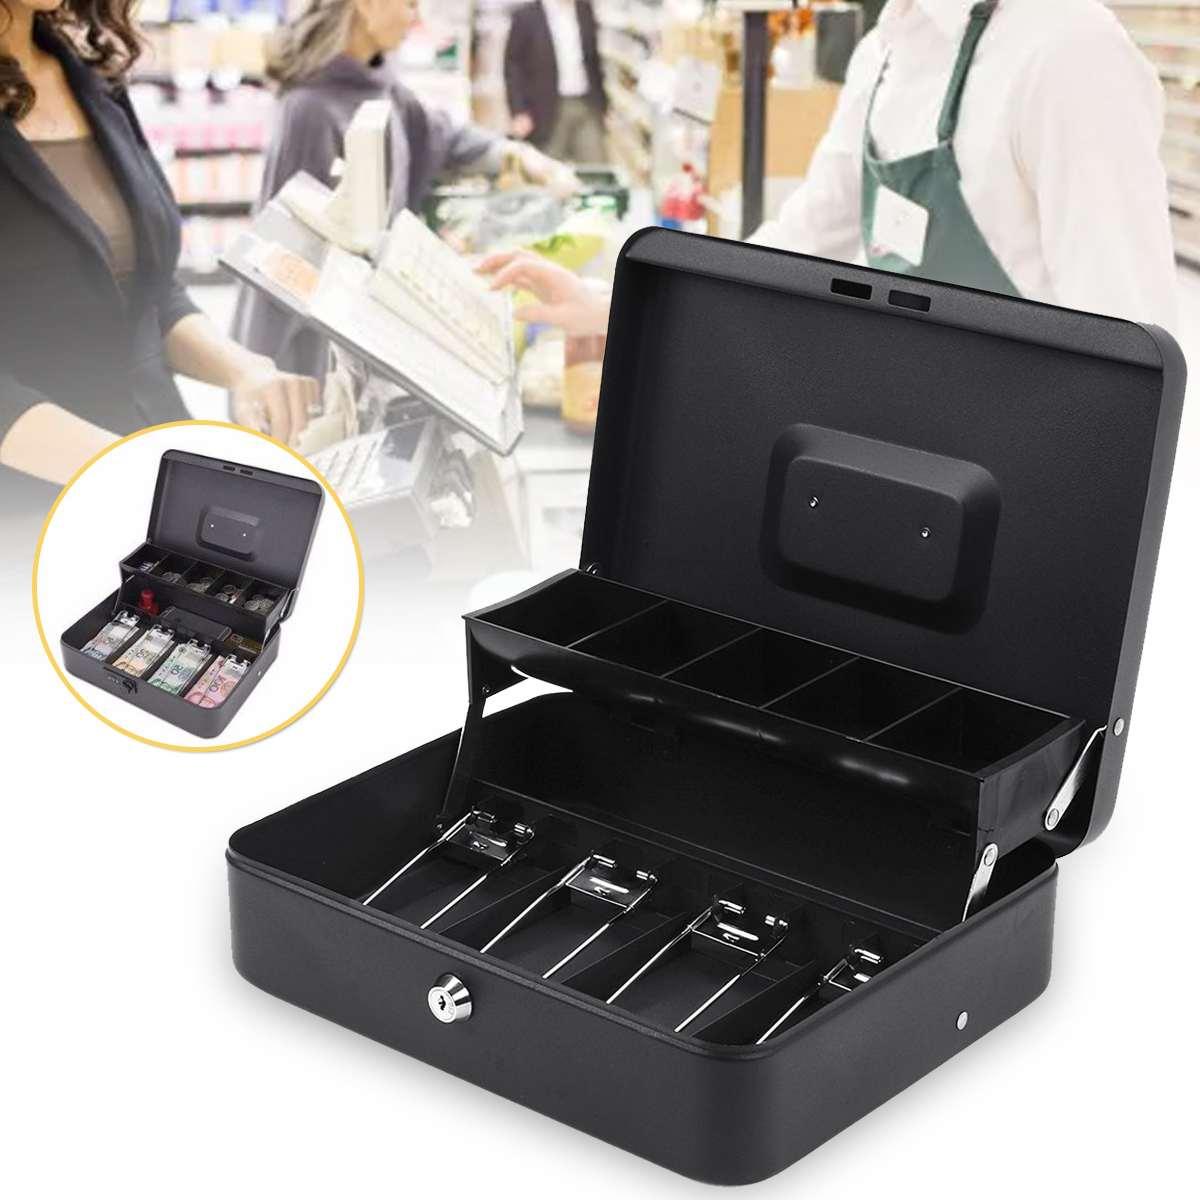 12 pouces tirelire en métal serrure à clé petite pièce de monnaie caisse Pot verrouillable caisse de dépôt de sécurité caisse tiroir de stockage